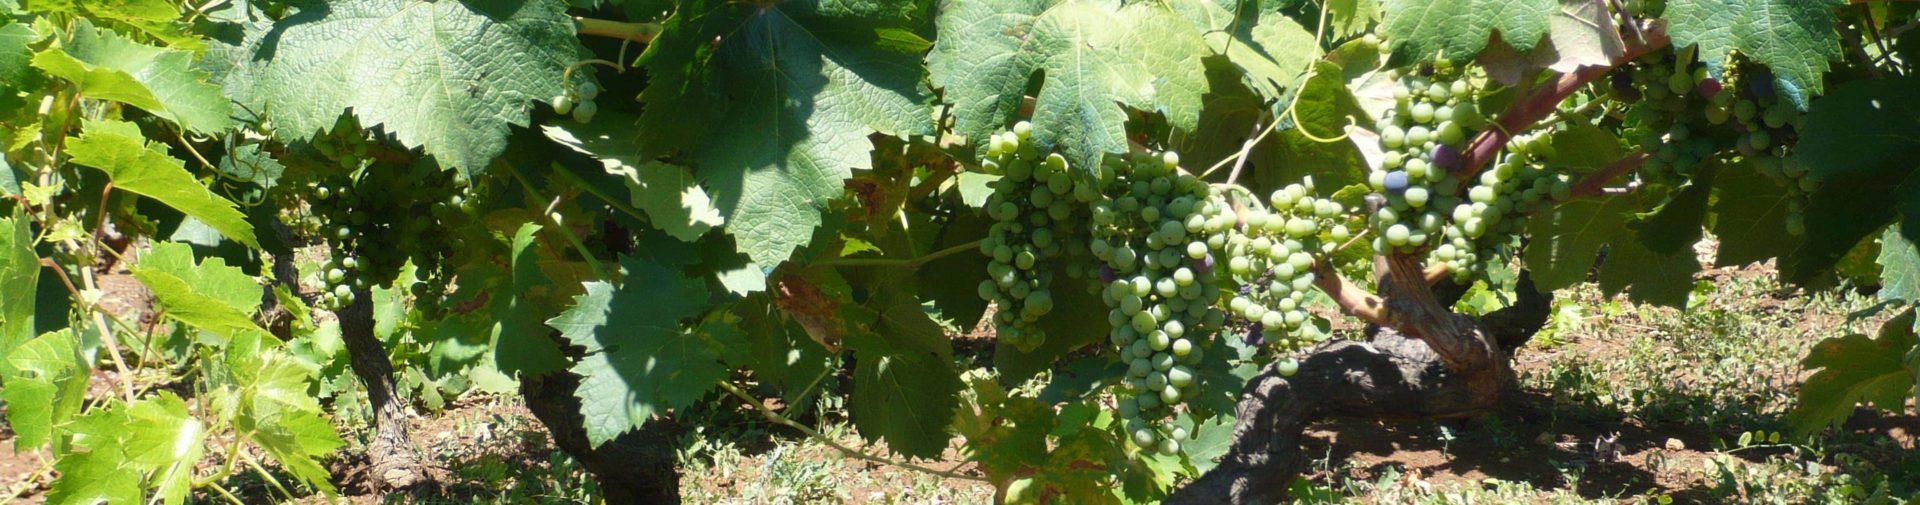 Vineyards of Apulia